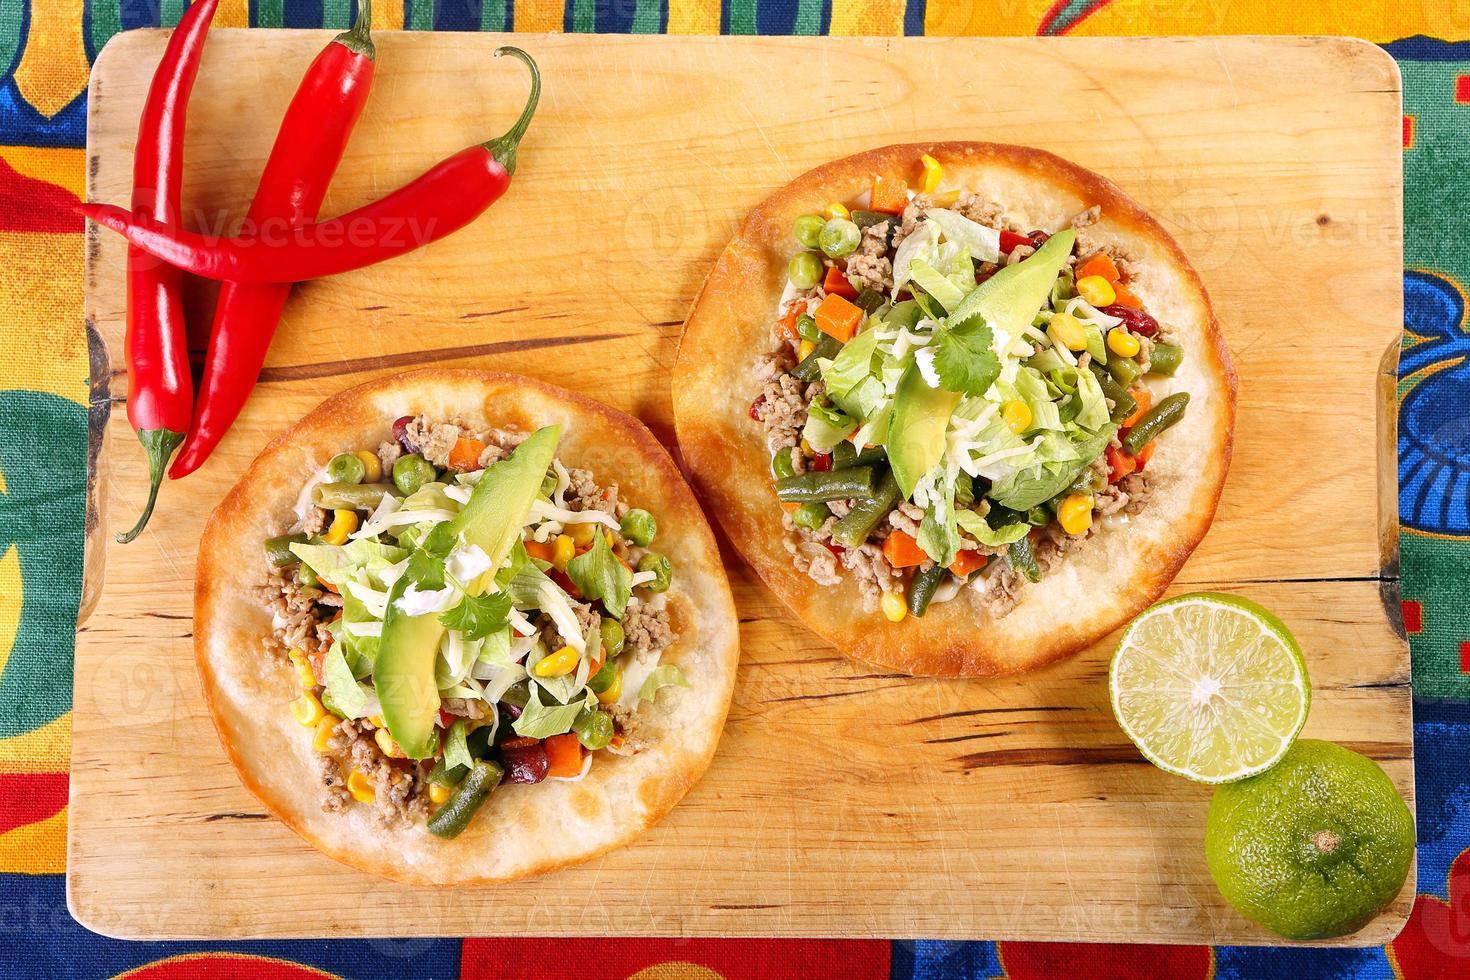 tostadas au boeuf haché et légumes sur fond de bois photo